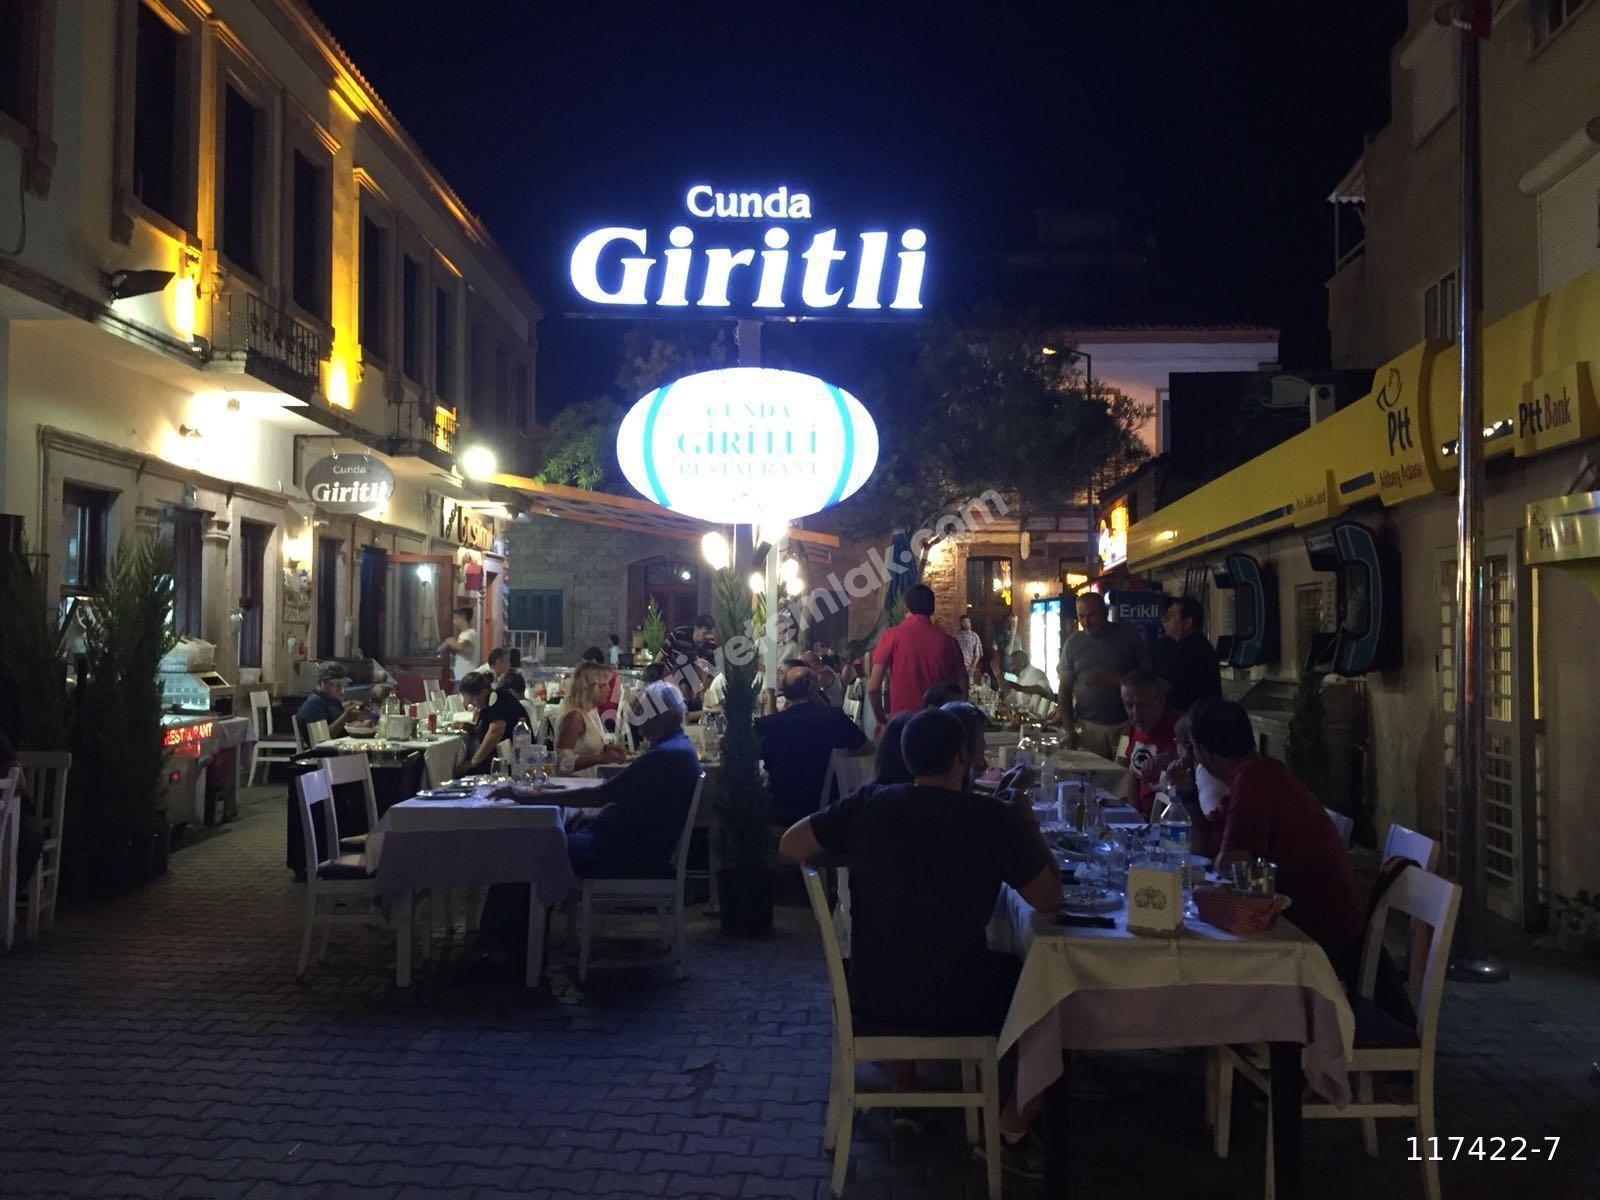 Ayvalık Cunda Adası Sahil Caddesinde Devren Kiralık Restoran